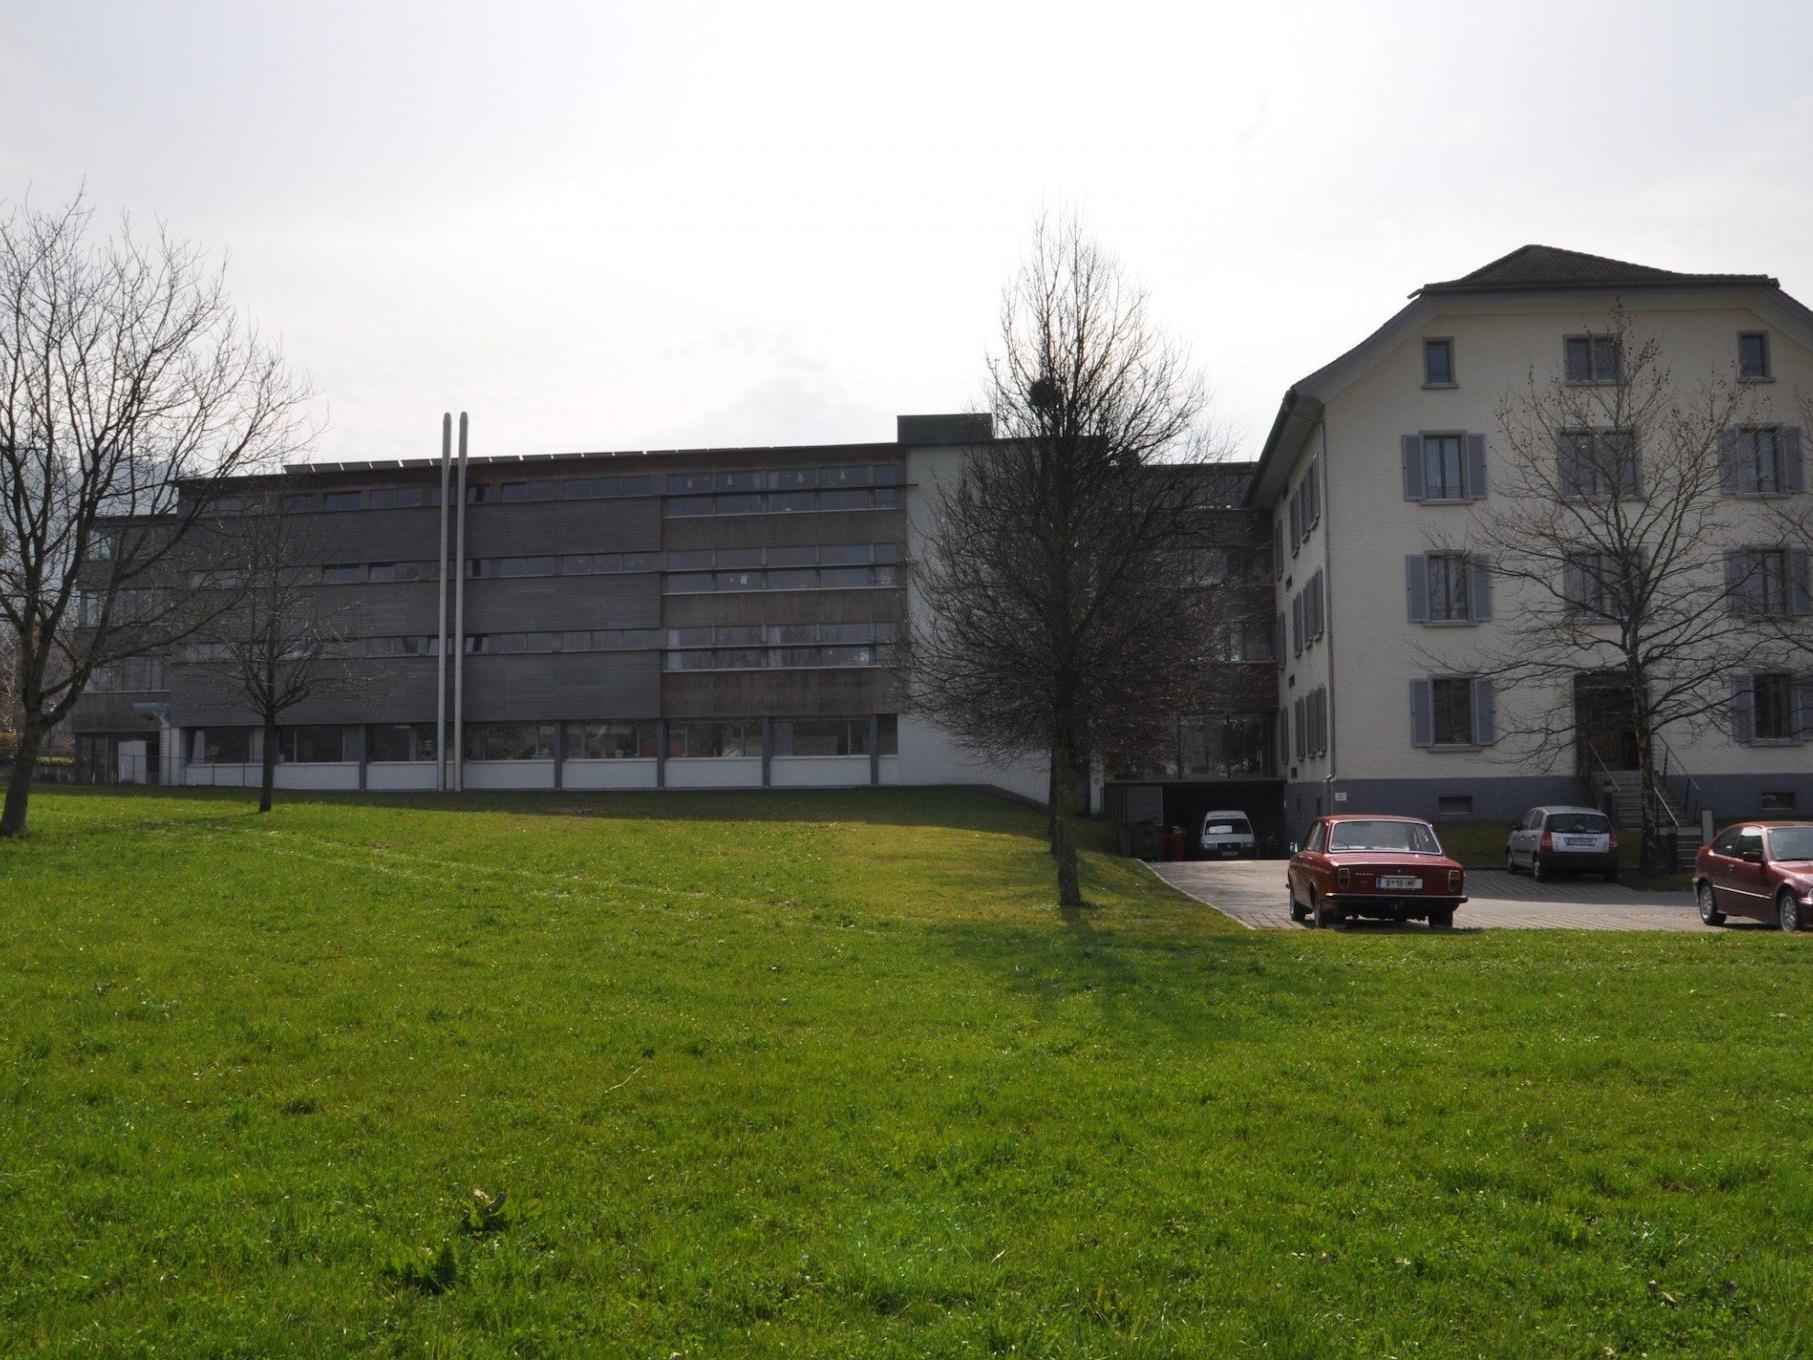 Hinter dem Sozialzentrum Josefsheim sollen acht bis zehn Wohnungen für Betreutes Wohnen entstehen.